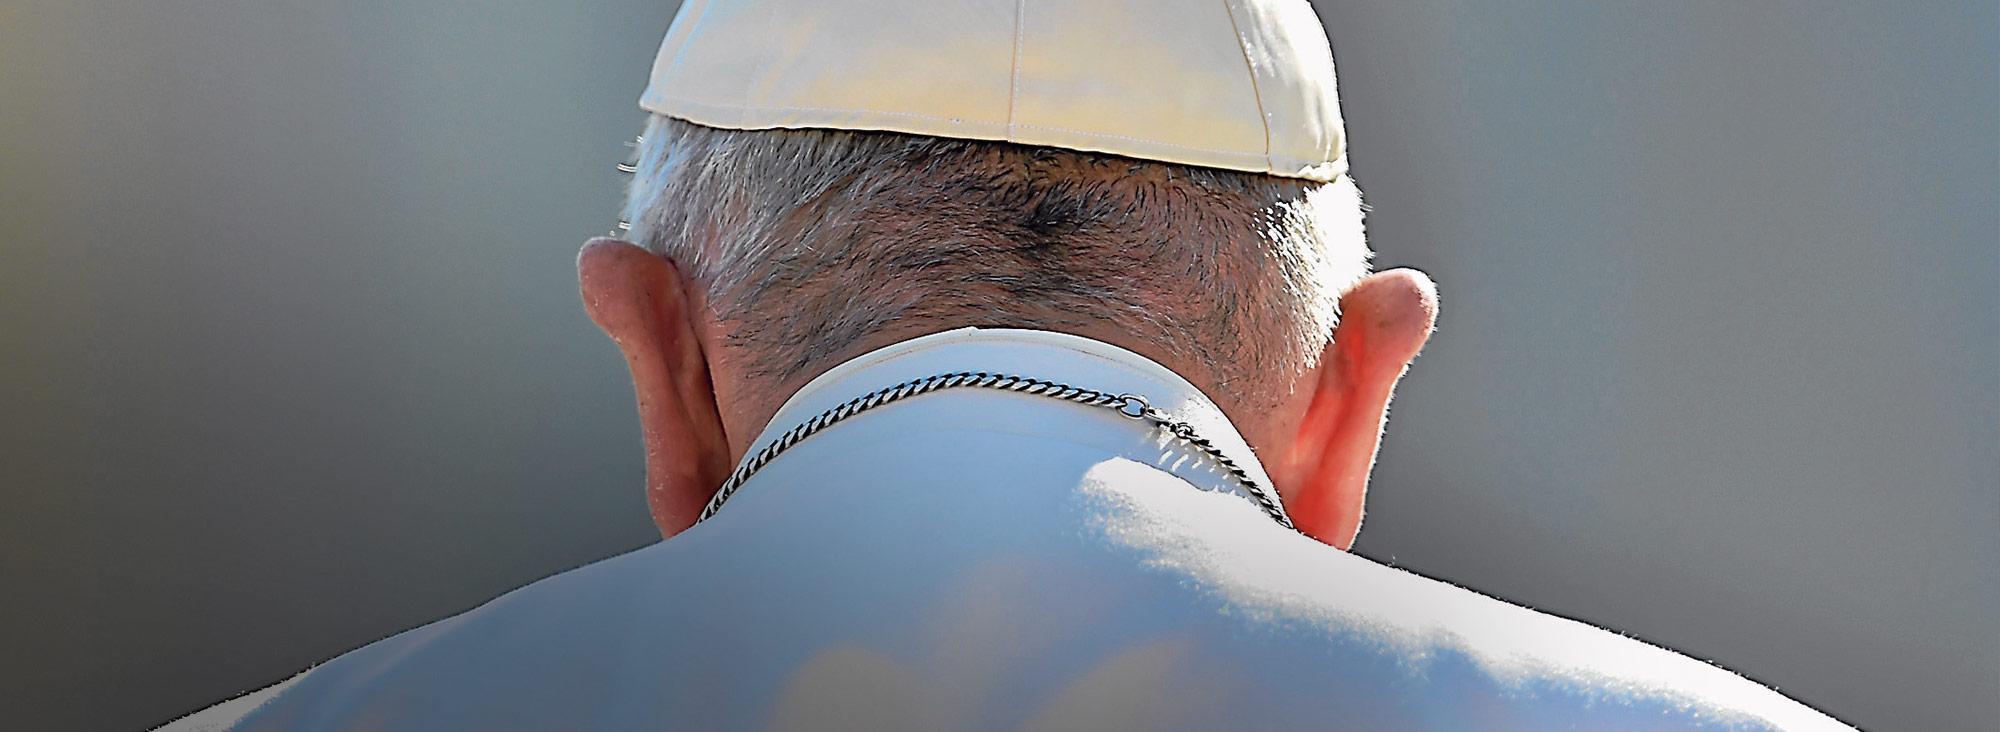 Dos libros han creado controversia en el Vaticano